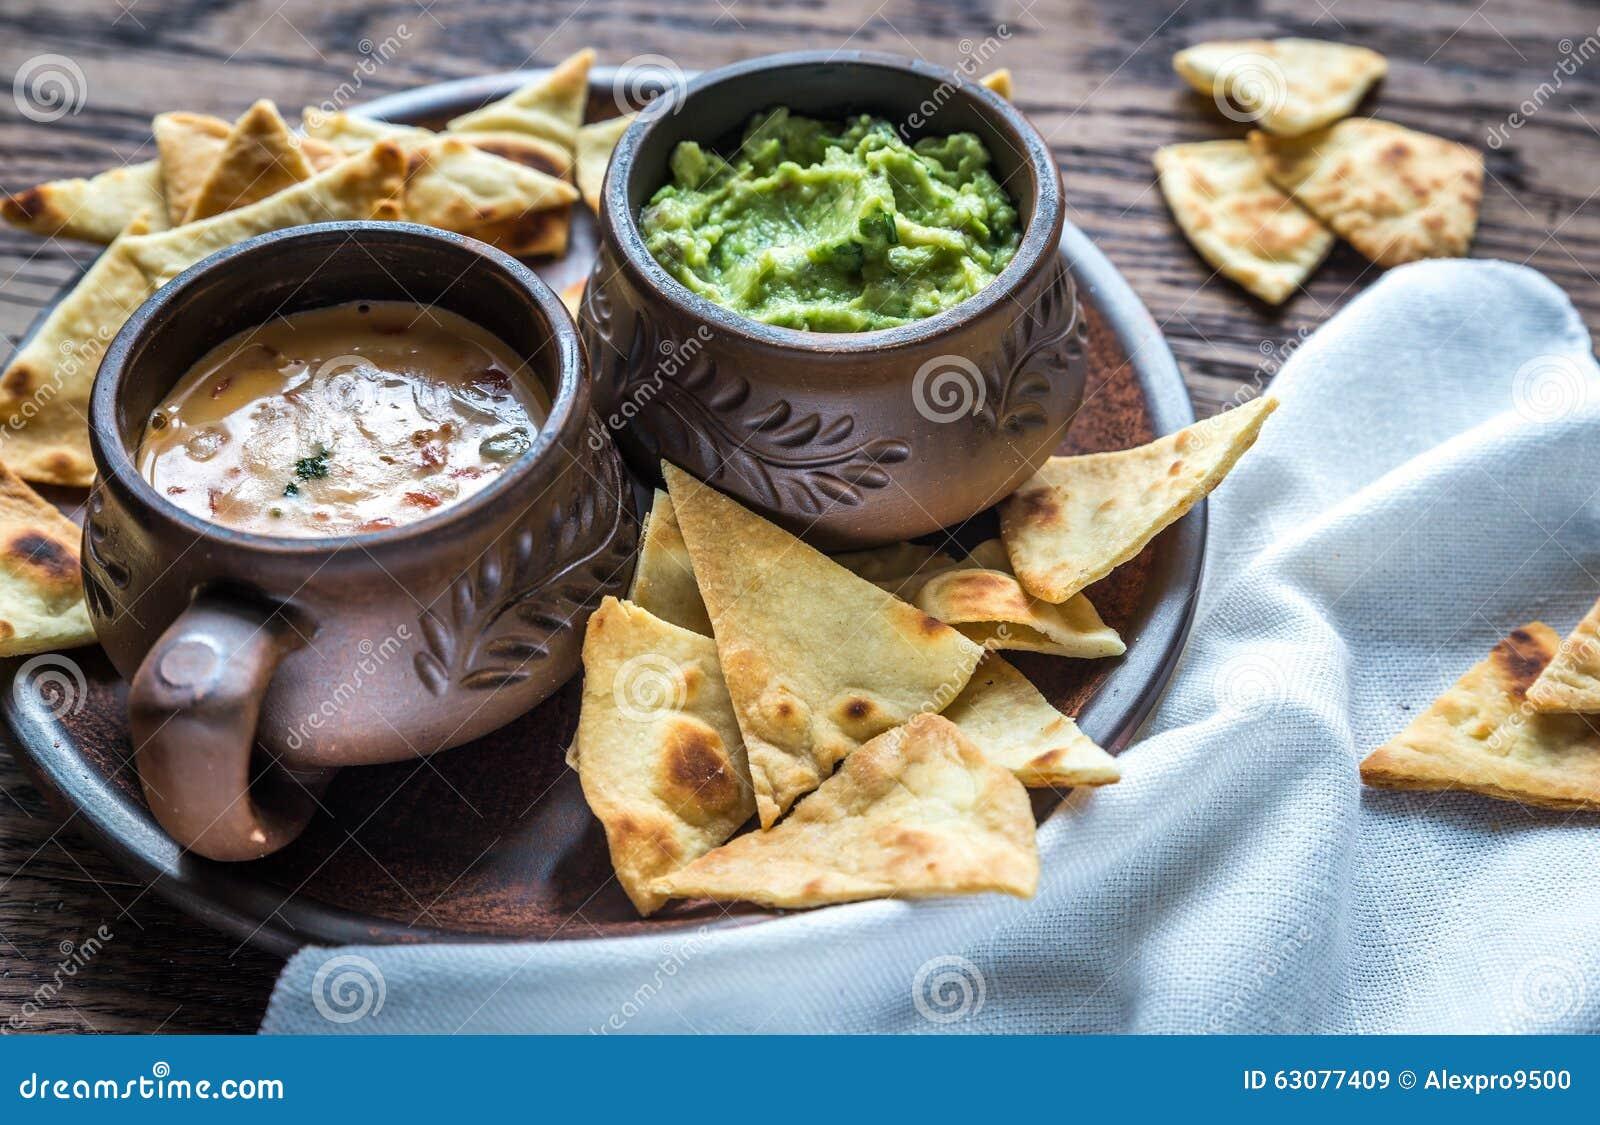 Download Cuvettes De Guacamole Et De Queso Avec Des Puces De Tortilla Image stock - Image du guacamole, rapide: 63077409